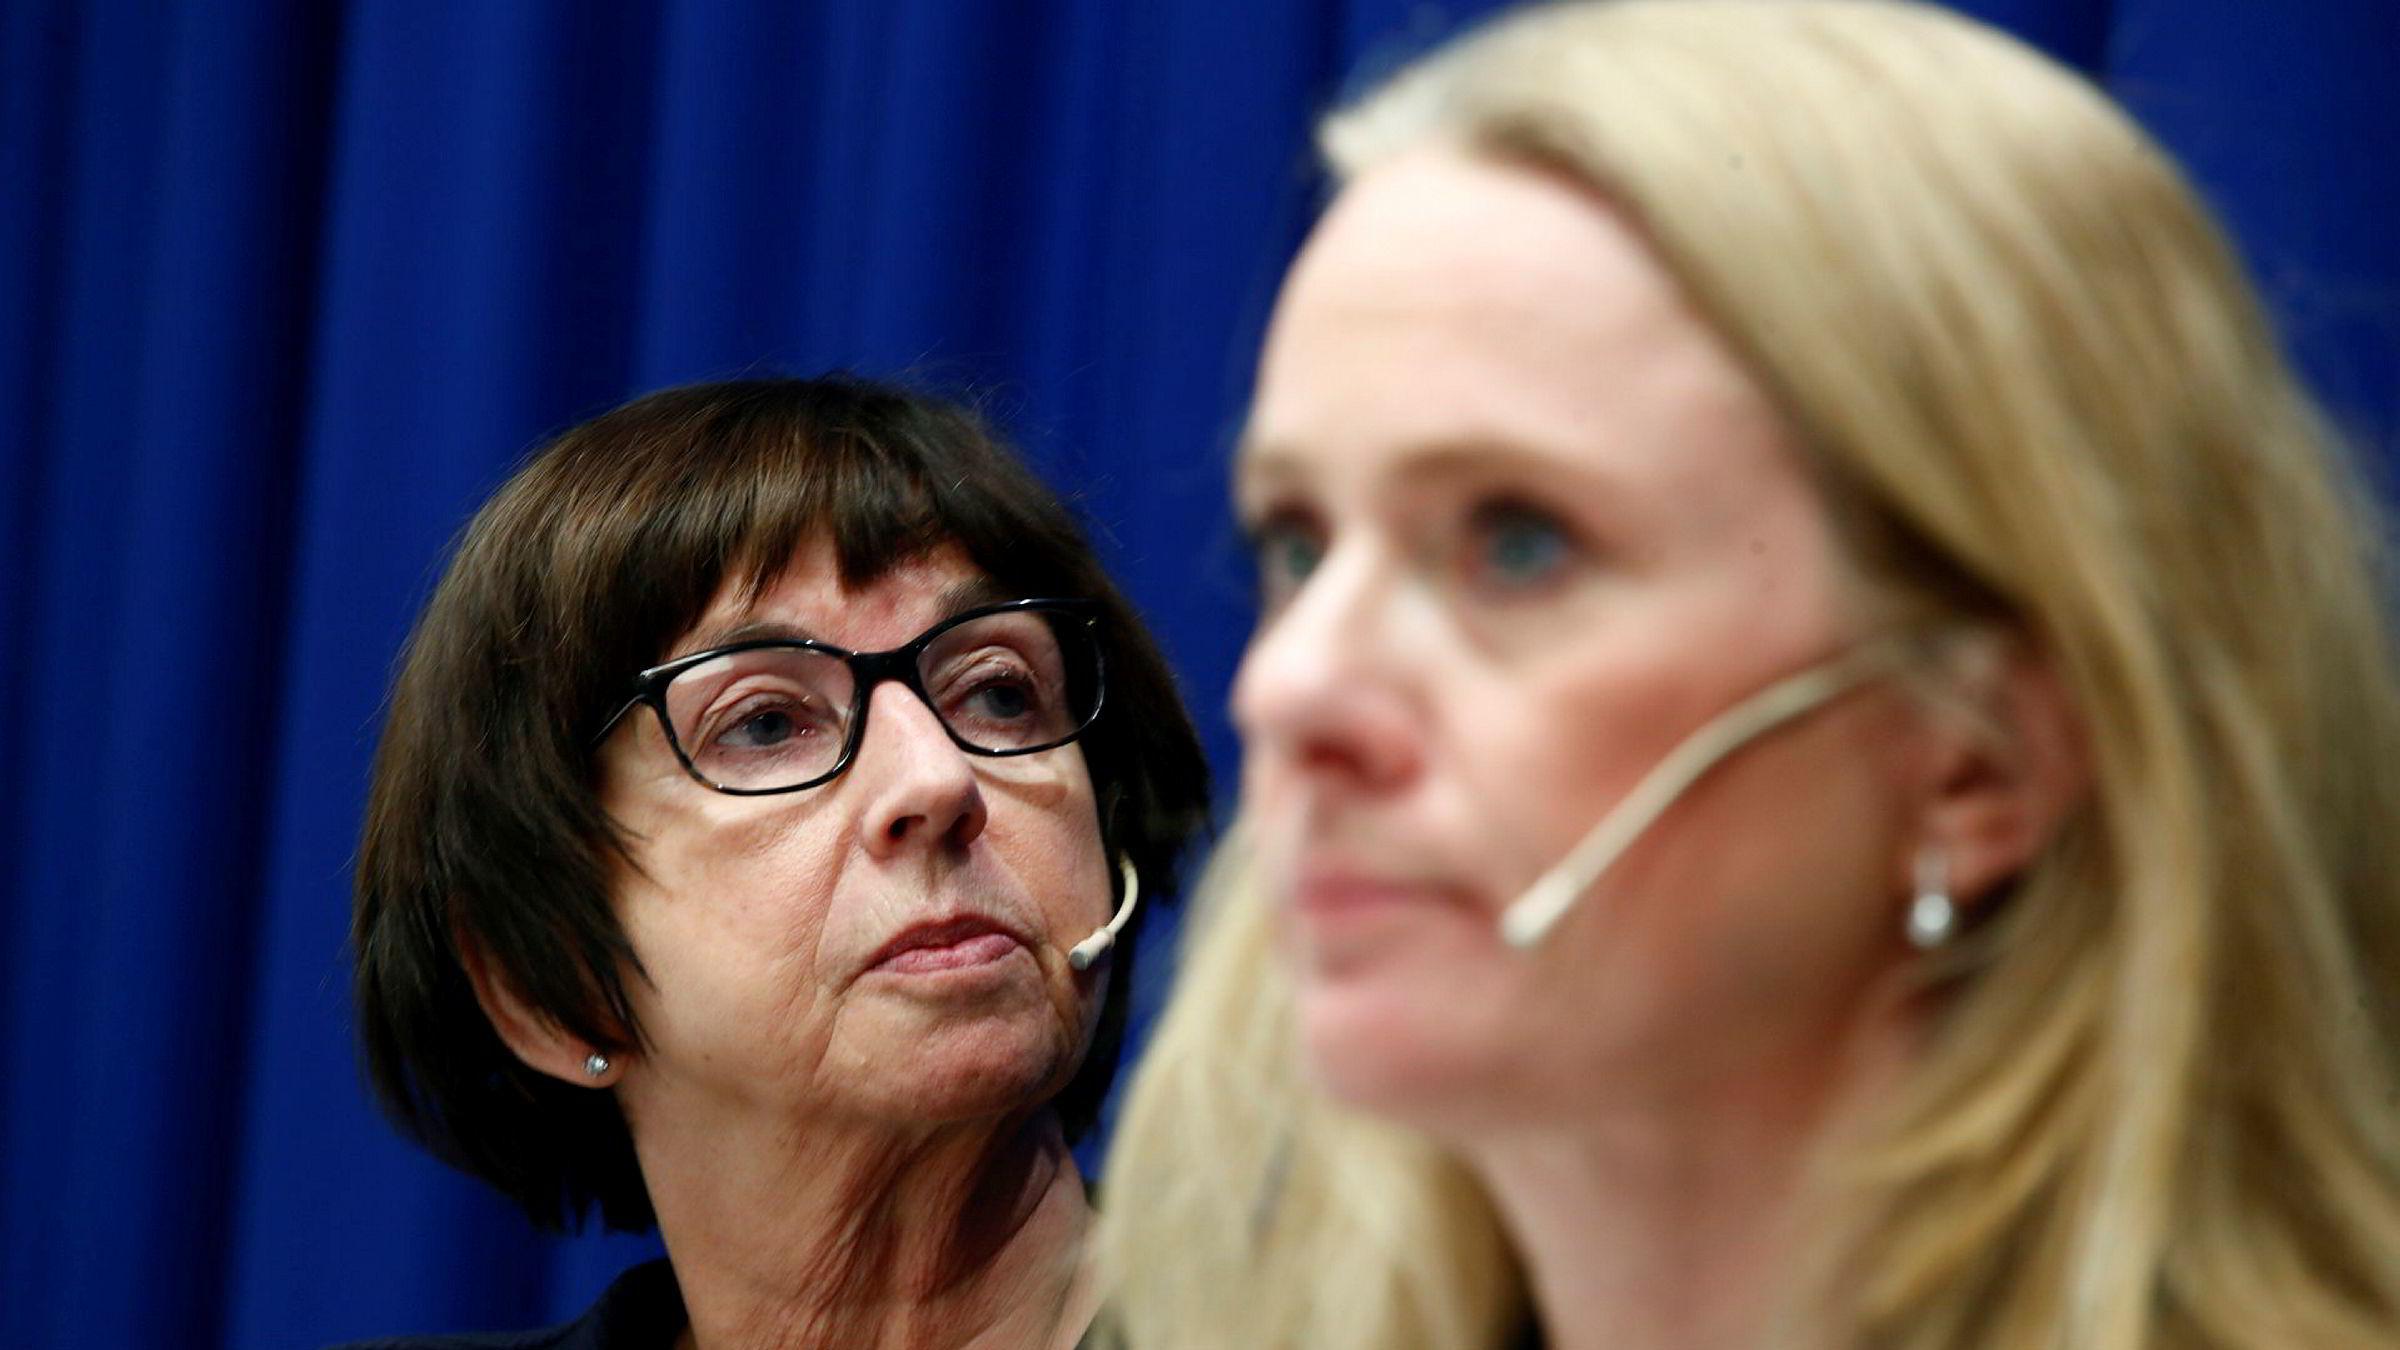 Arbeids og sosialminister Anniken Hauglie og NAV-direktør Sigrun Vågeng holder pressekonferanse om retten til å ta med seg trygd til andre EØS-land har vært praktisert feil sammen med riksadvokat Tor-Aksel Busch.